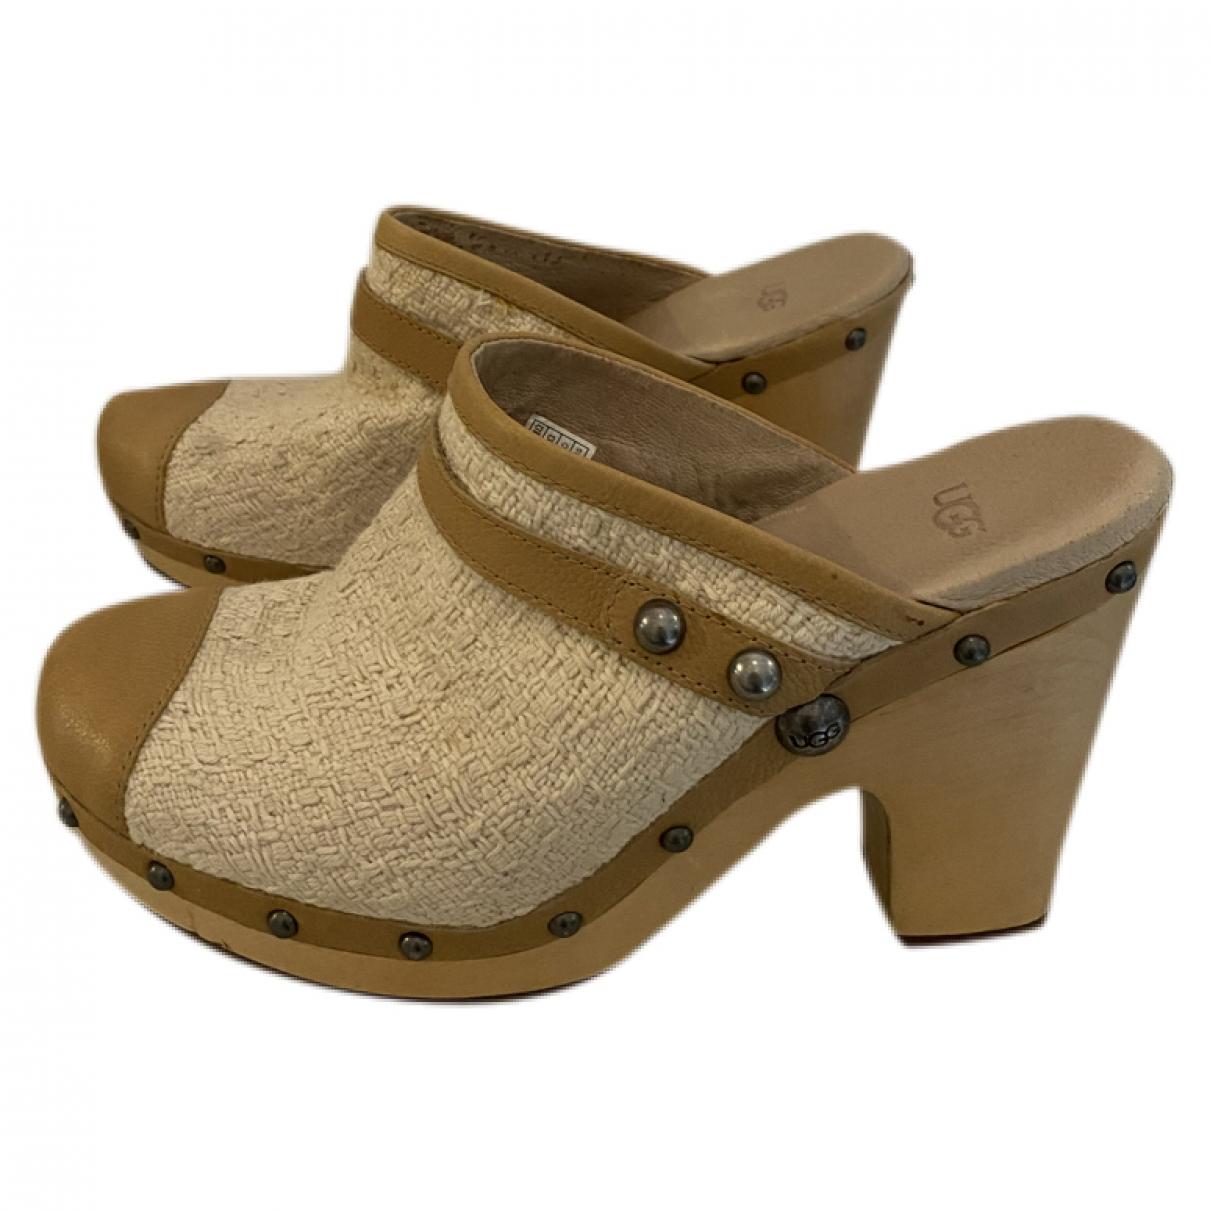 Ugg \N Beige Tweed Mules & Clogs for Women 40 EU